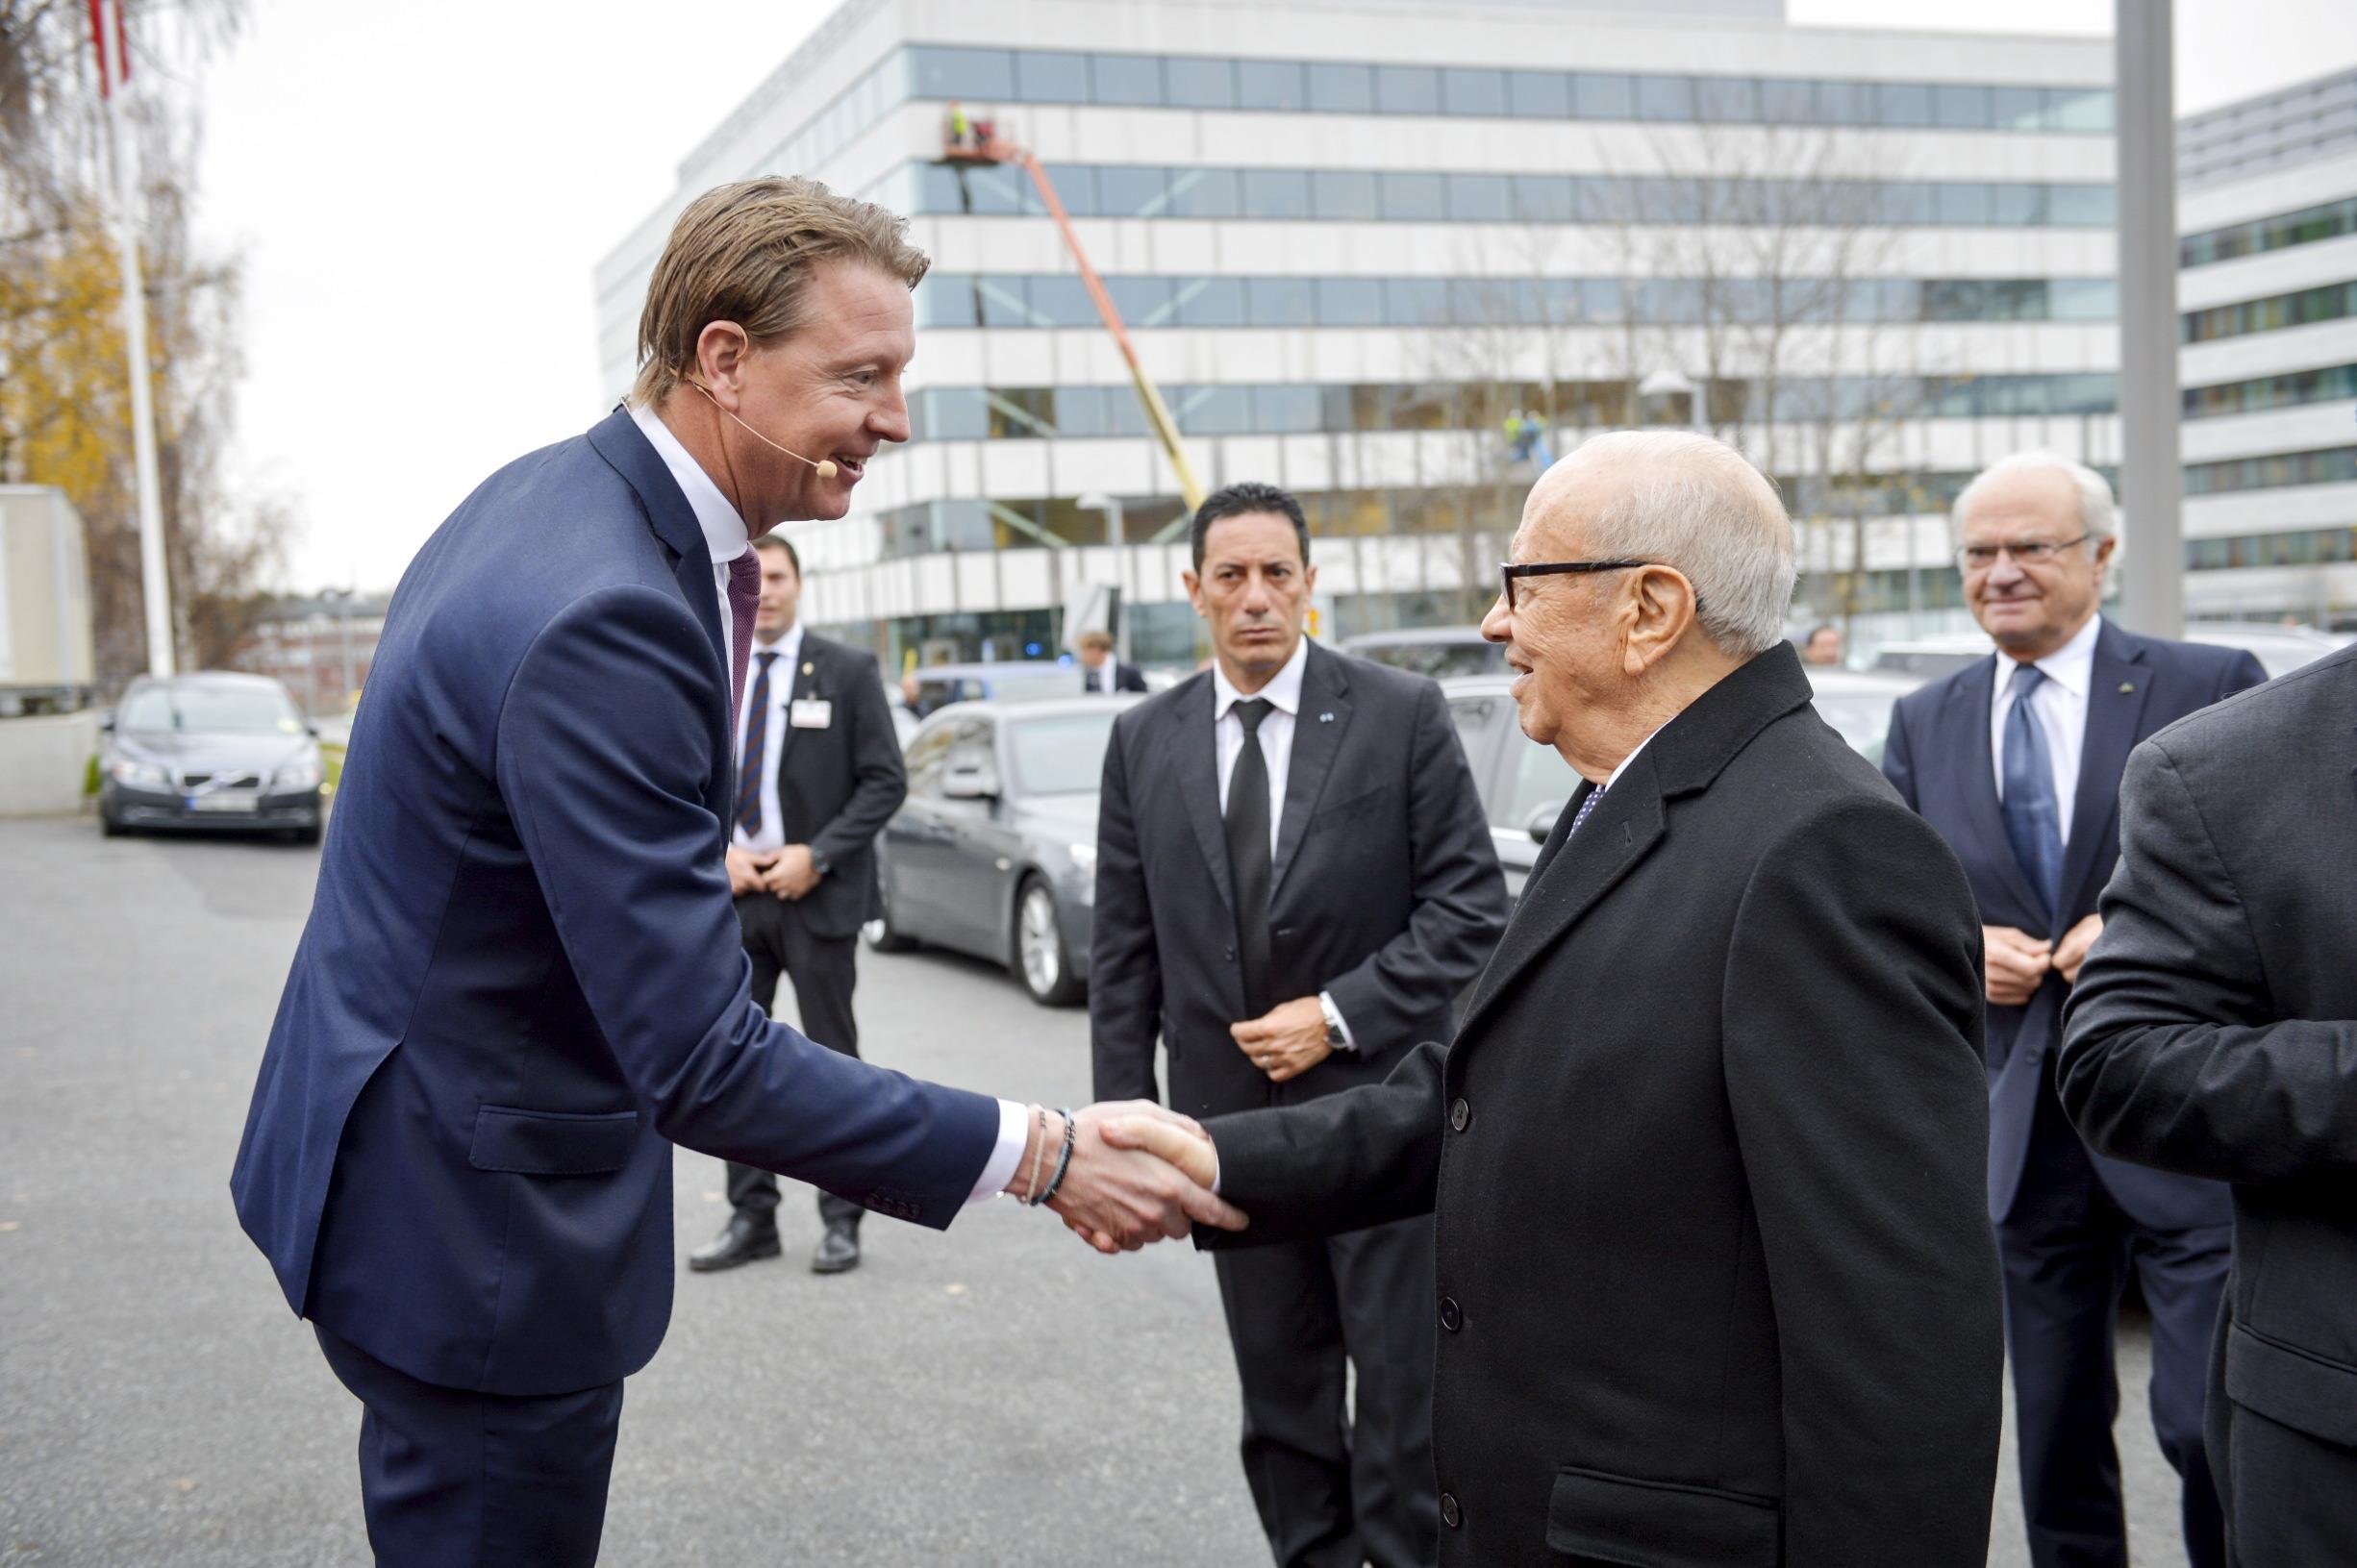 Ilustracija (arhivska fotografija iz 2015.) Tuniski predsjednik Beji Caid Essebsi u posjeti predsjedniku Uprave Ericssona